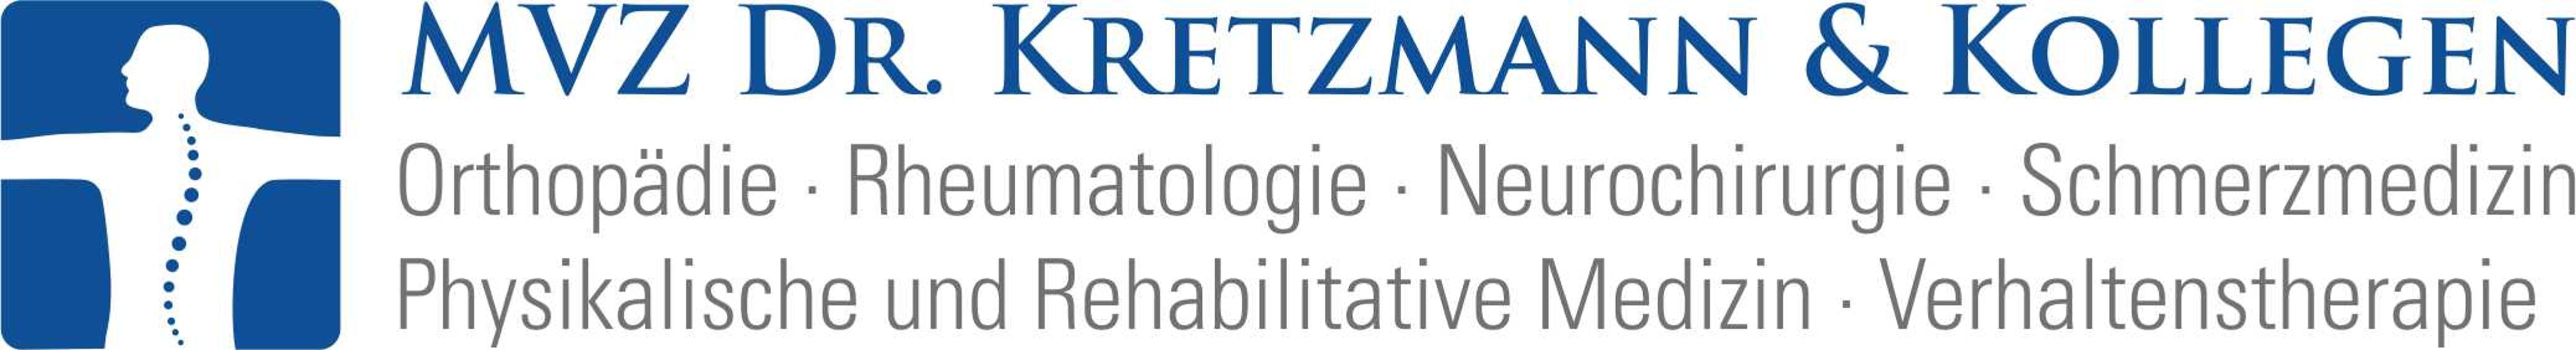 Bild zu MVZ Dr. Kretzmann & Kollegen in Dortmund